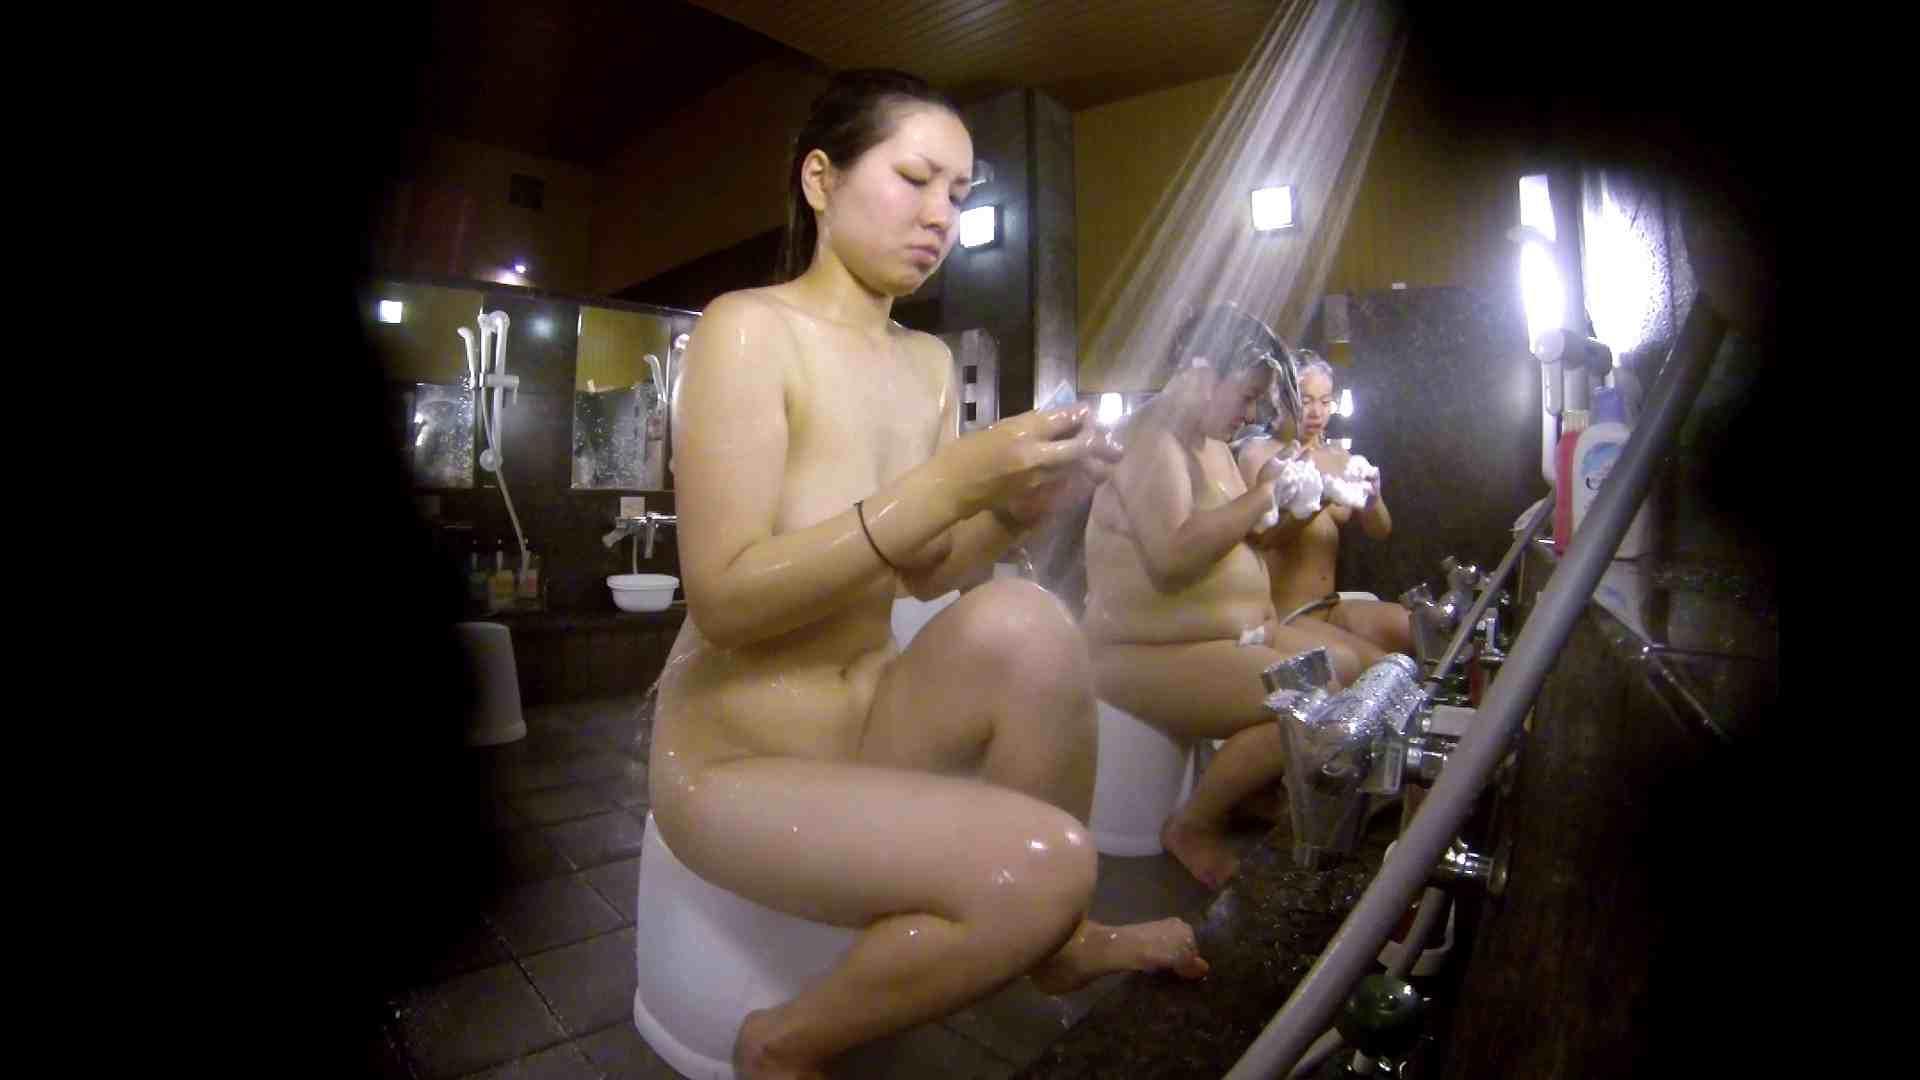 おまんこ:洗い場!色白でなかなかの美巨乳。柔らかく揺れまくりです:怪盗ジョーカー